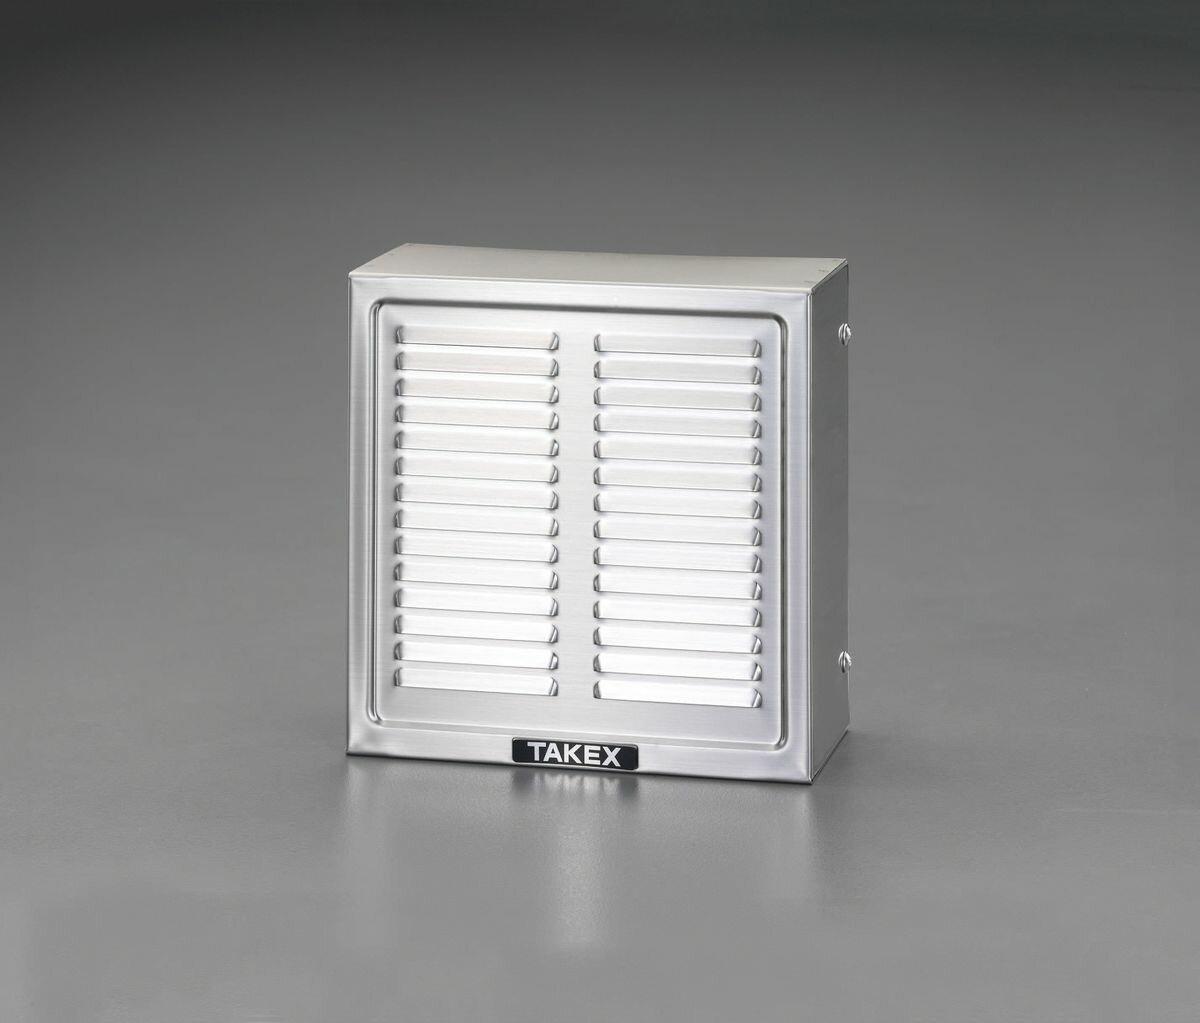 エスコ ESCO DC10.5-19V 警報ベル ステンレス製ボックス付 000012241438 JP